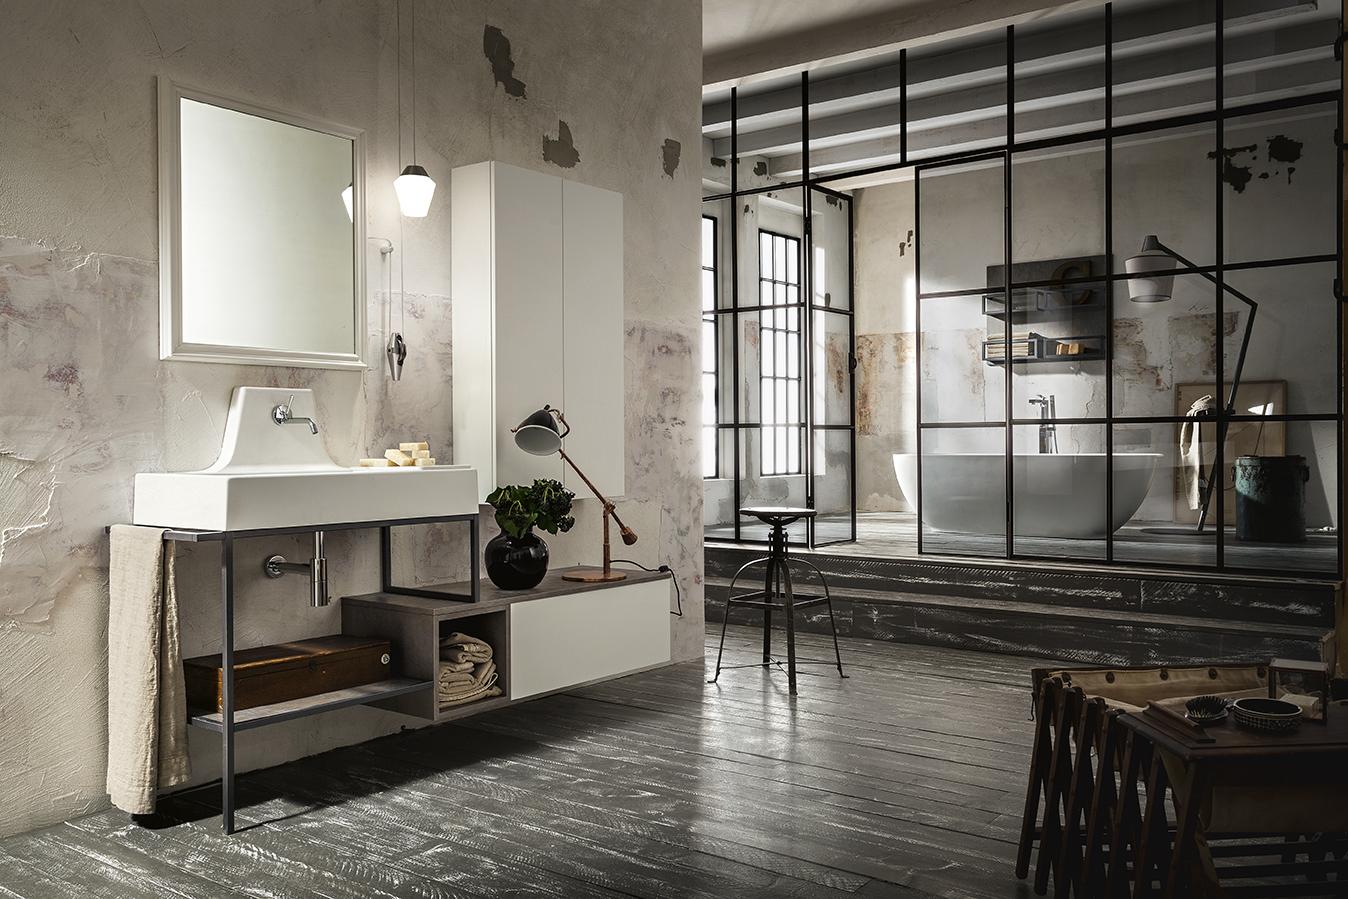 Arredamento bagno stile Urban: Play di Cerasa - Ville & Casali